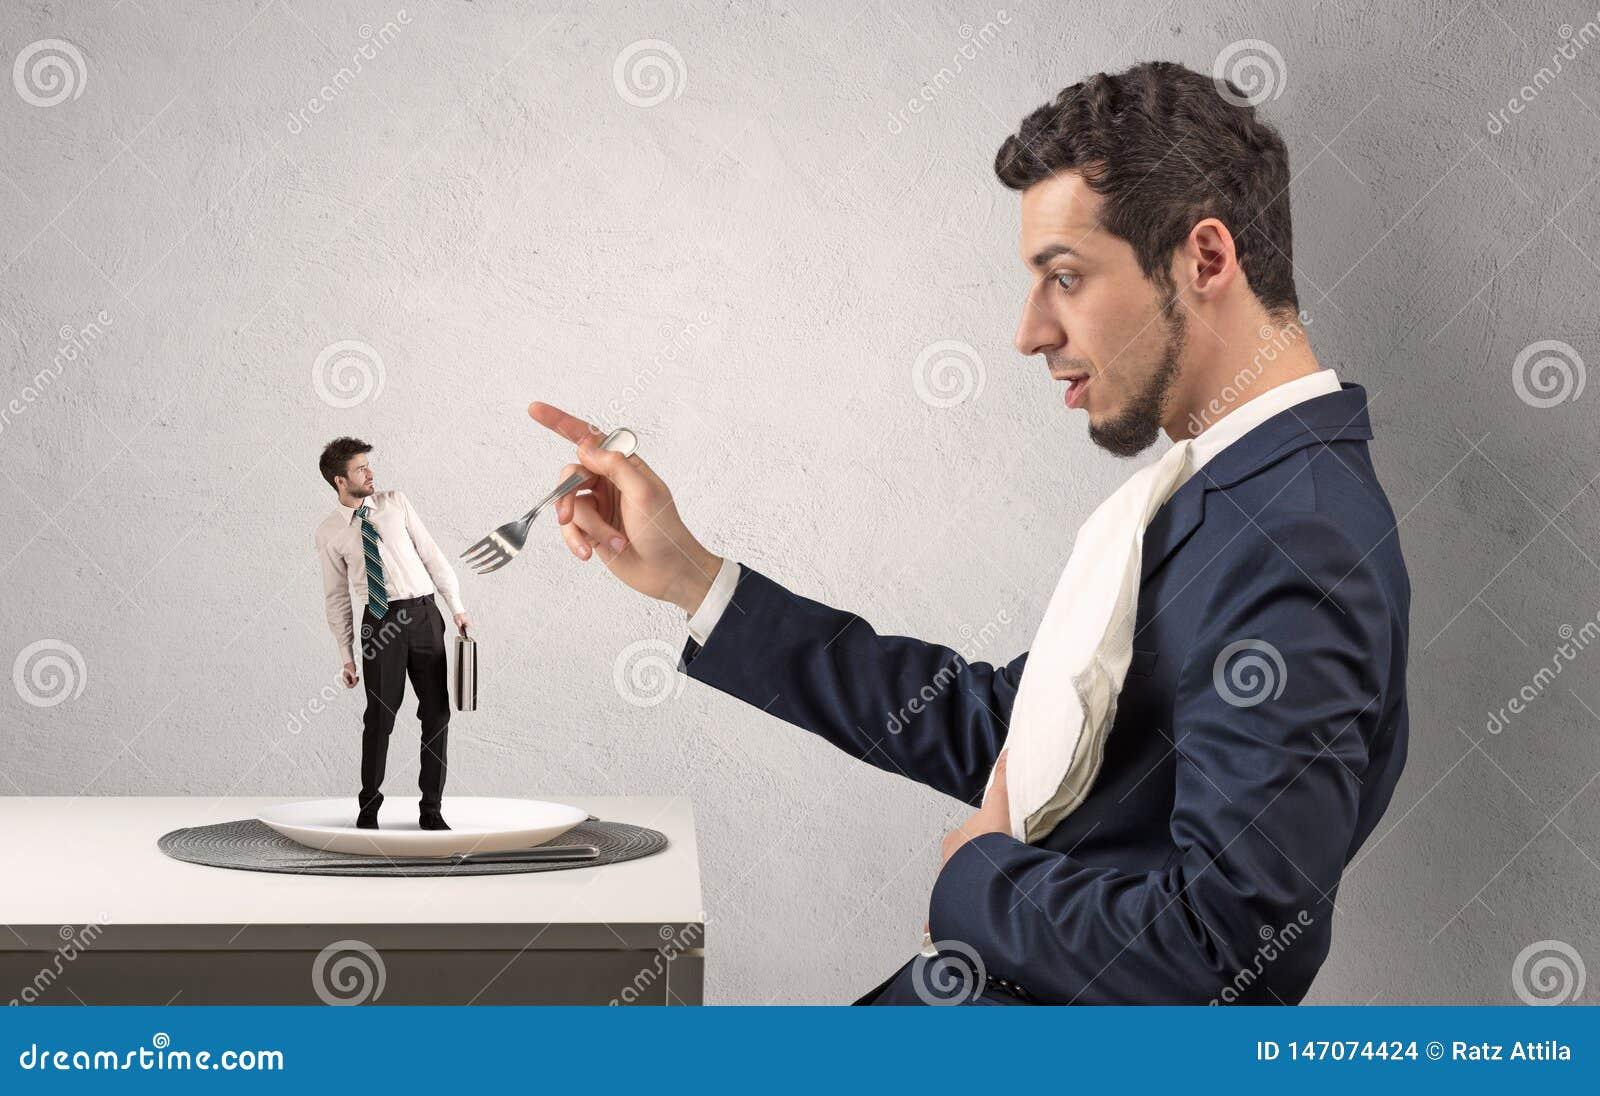 Kleine doen schrikken bijna verslonden zakenman